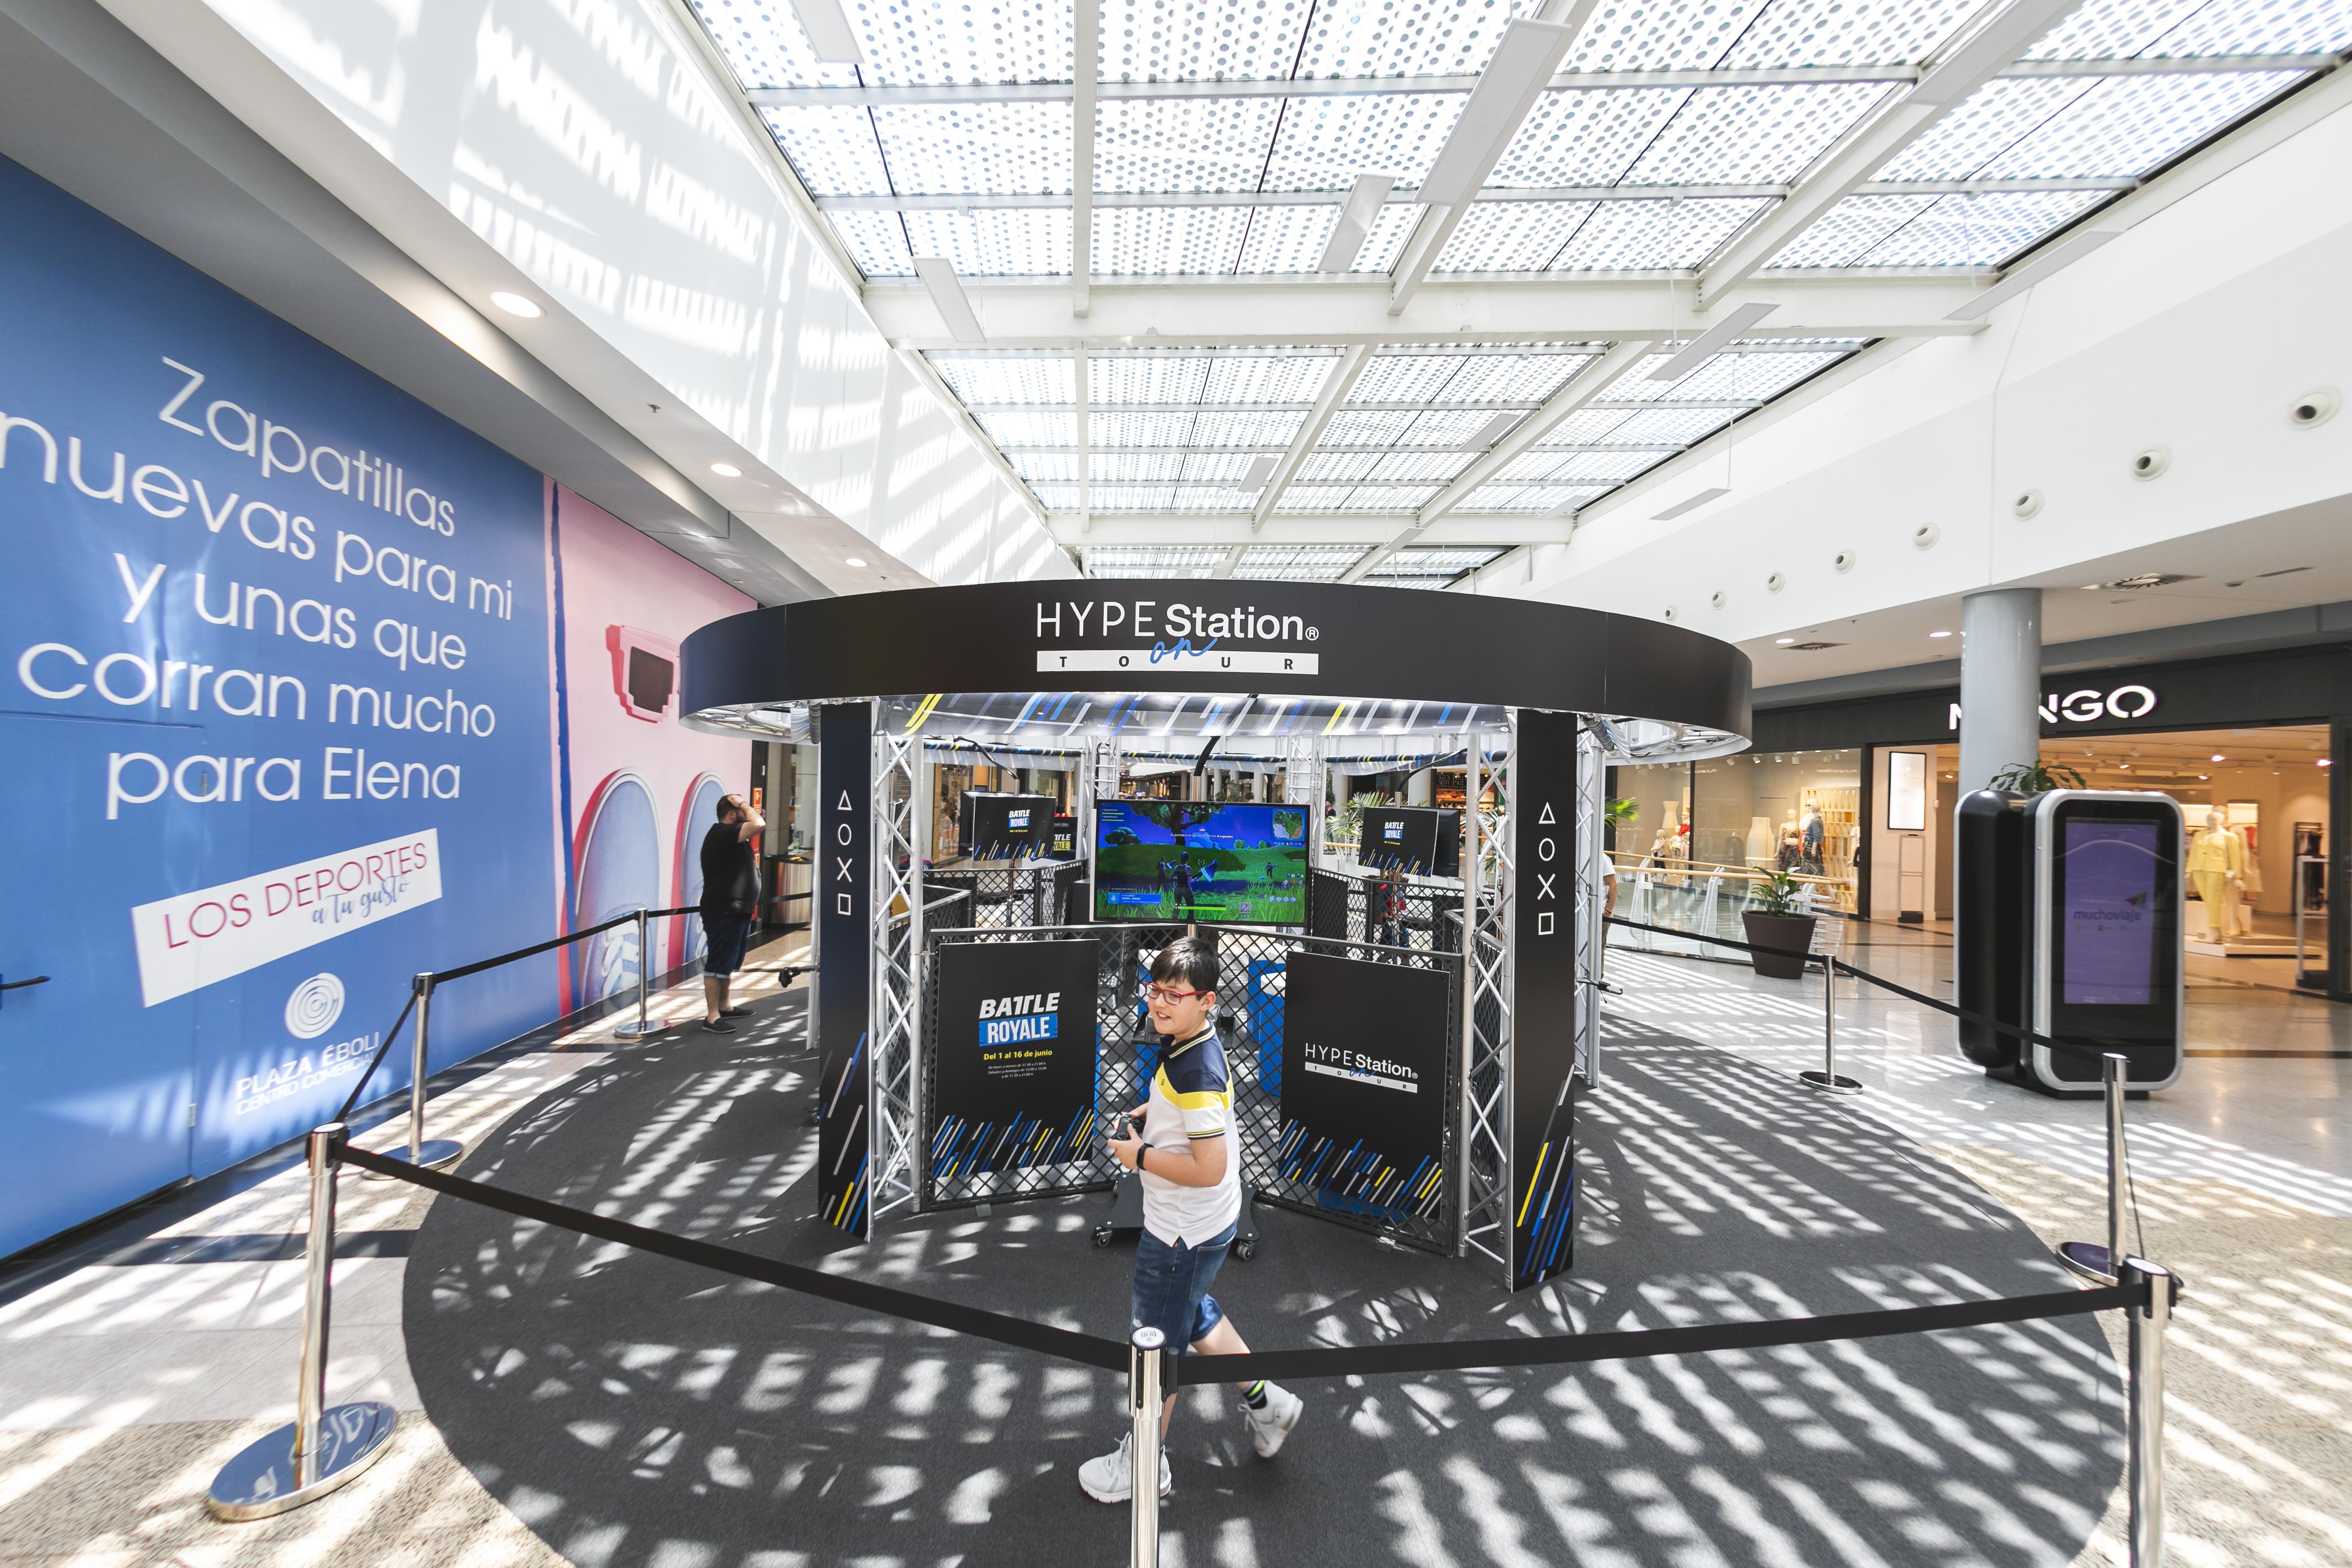 20190601_Evento Hype Station On Tour_Plaza Éboli_Pinto_MR_1633